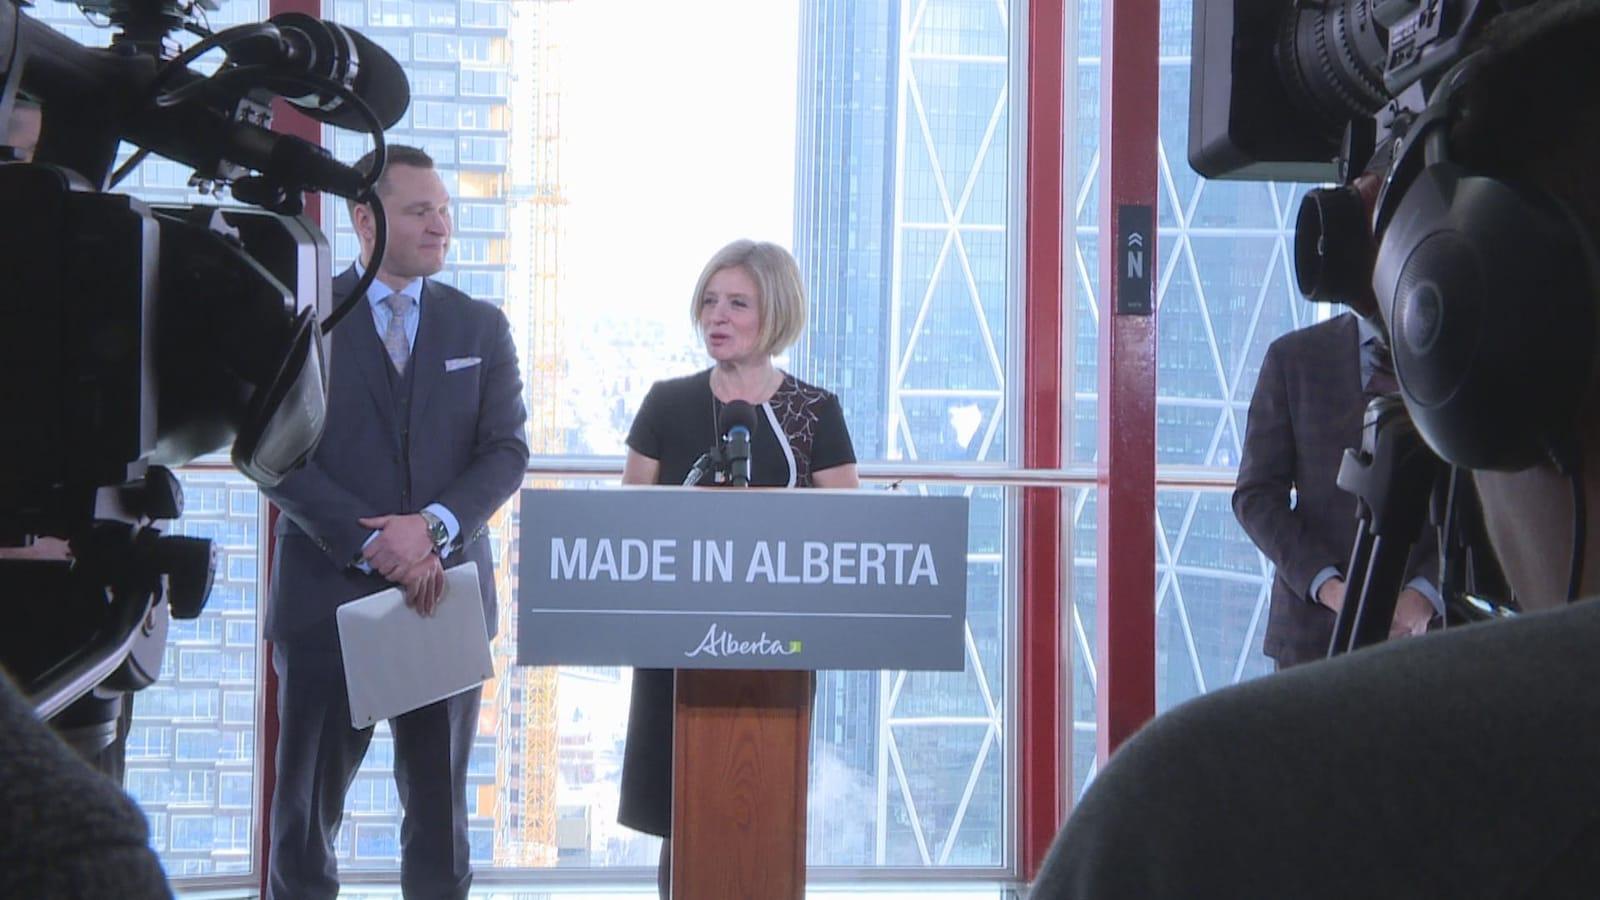 La première ministre Rachel Notley aux côtés du ministre du Développement économique et du Commerce de l'Alberta, Deron Bilous, devant des caméras au dernier étage de la Tour Calgary.